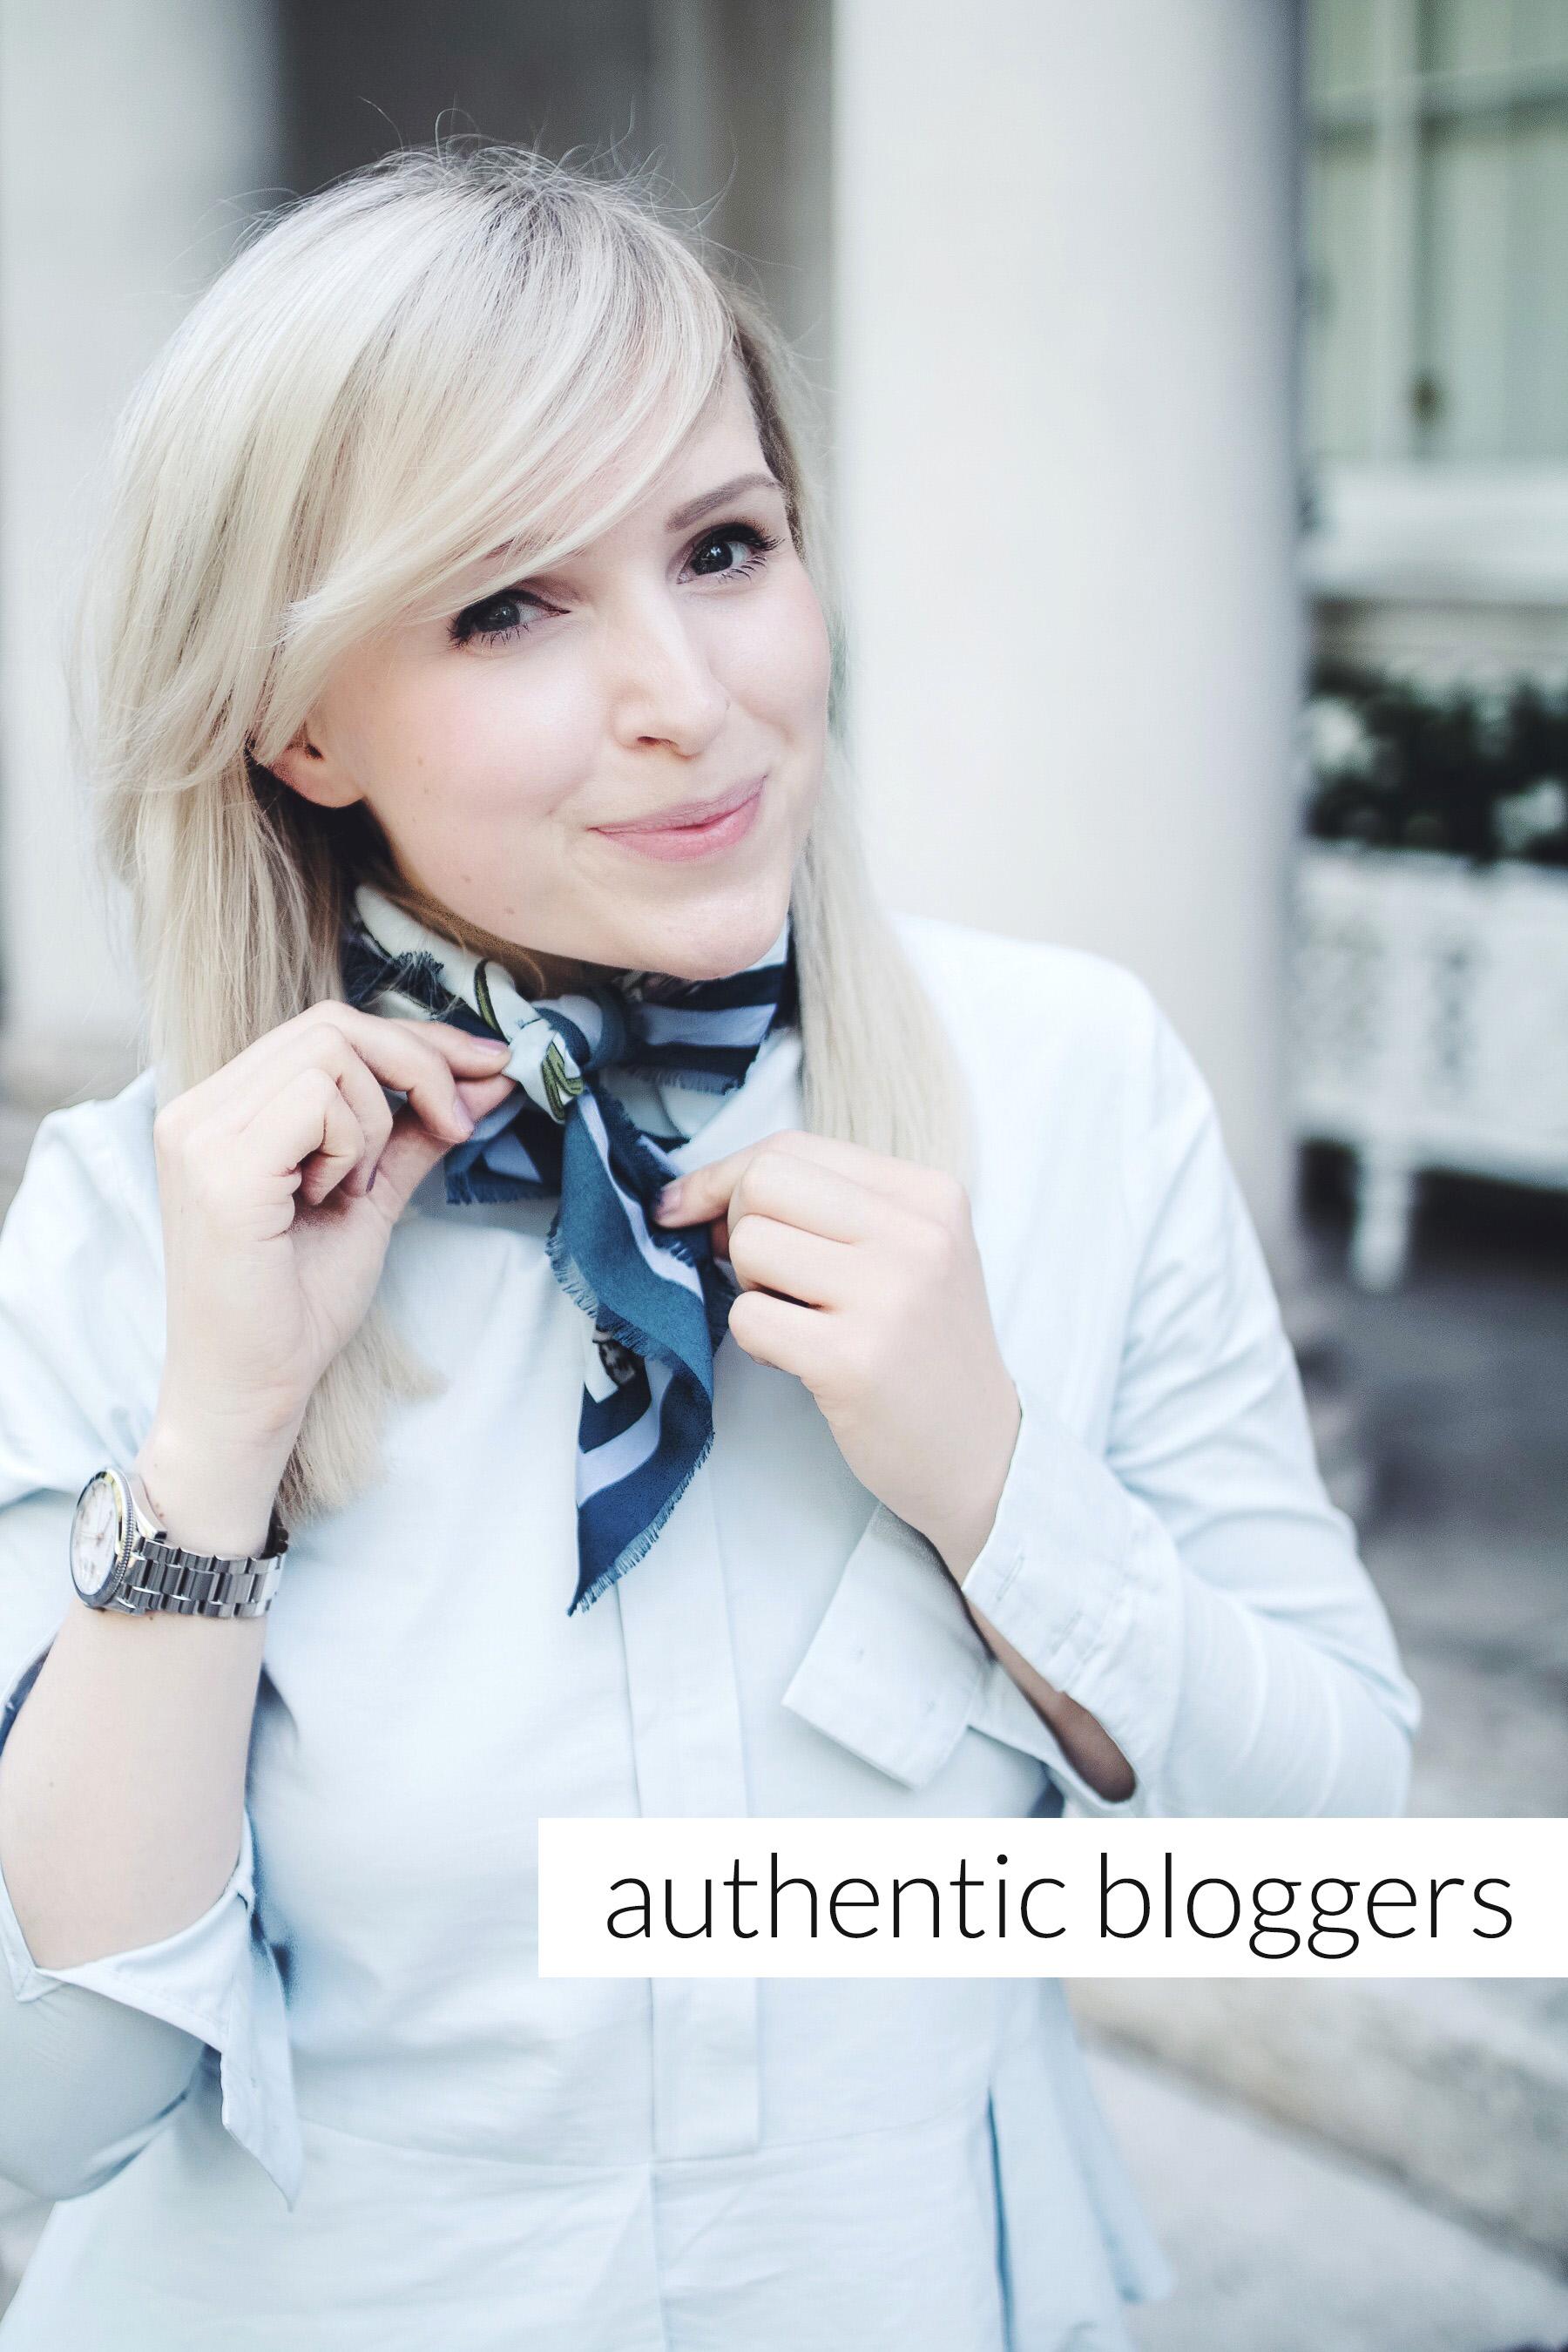 authentisch_Blogger_kennzeichnung_Fashion_modeblogger_deutschland_blogtips